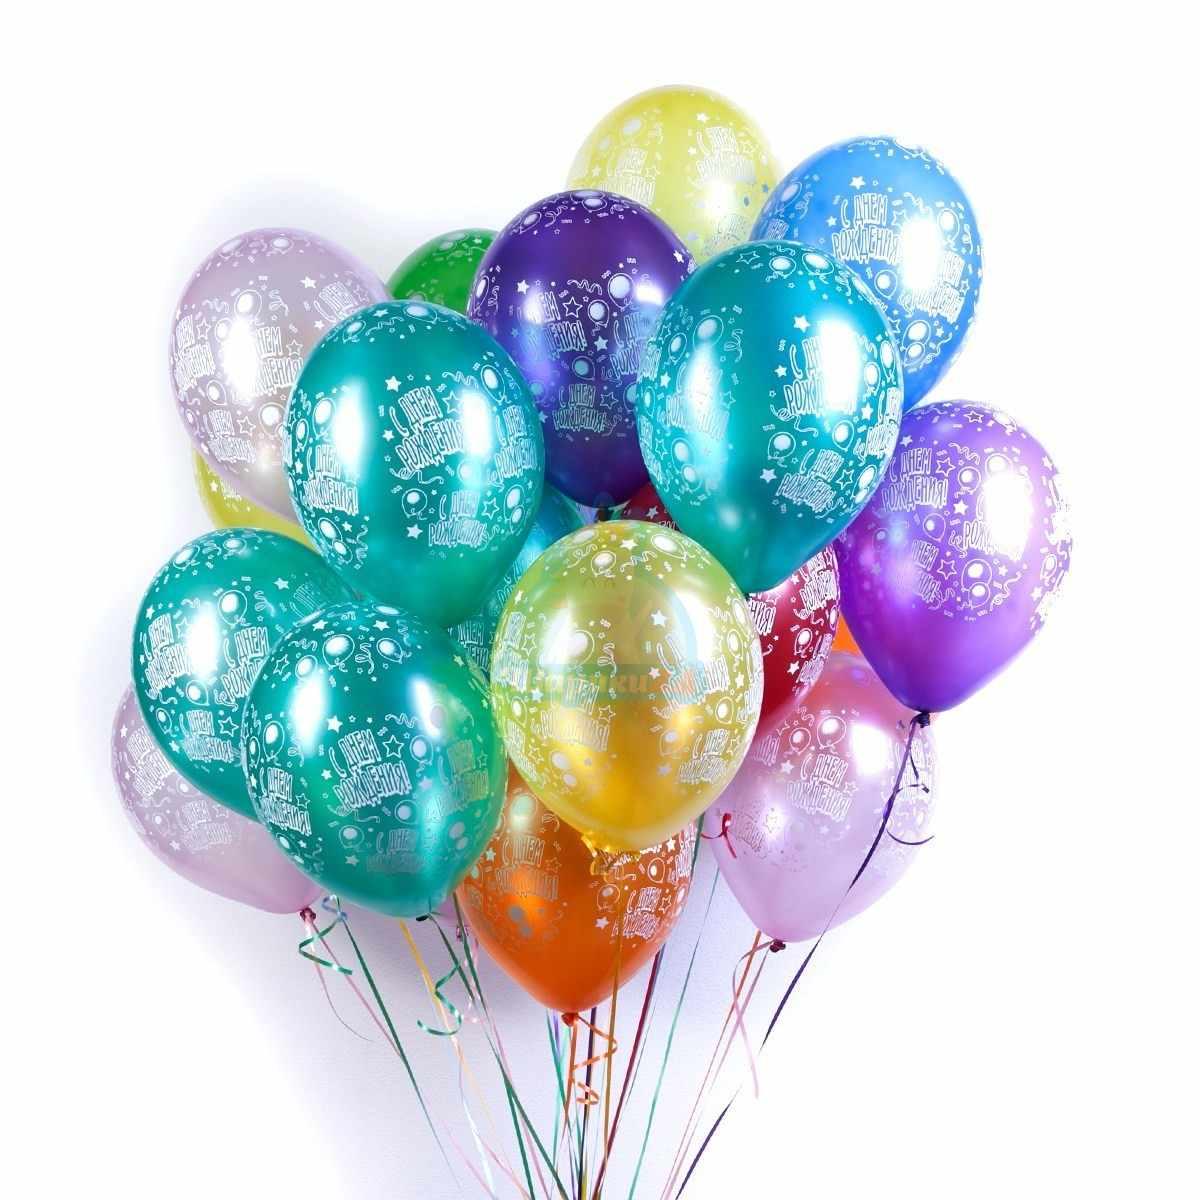 Подарок шарики фото с днем рождения